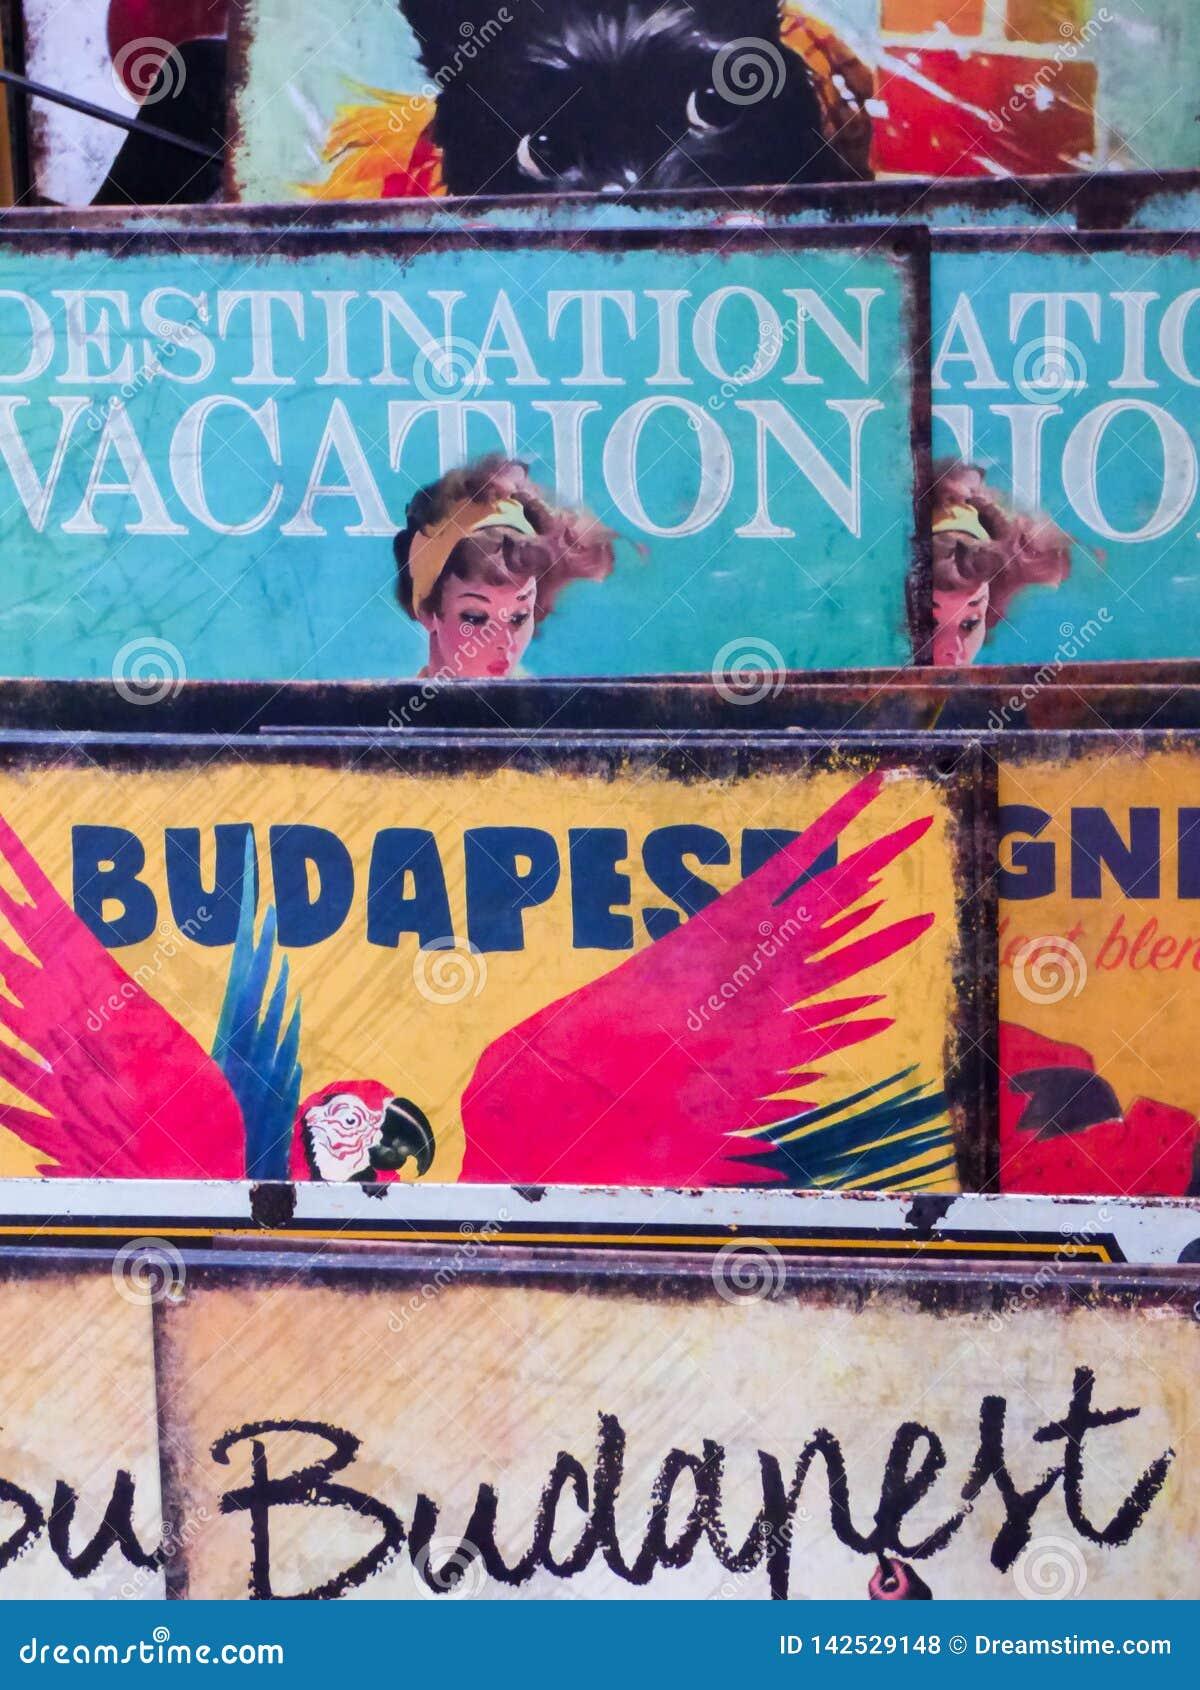 Los carteles/3/15 de Budapest, Hungría 19  de Budapest organizaron uno al lado del otro en una tienda de regalos minúscula para